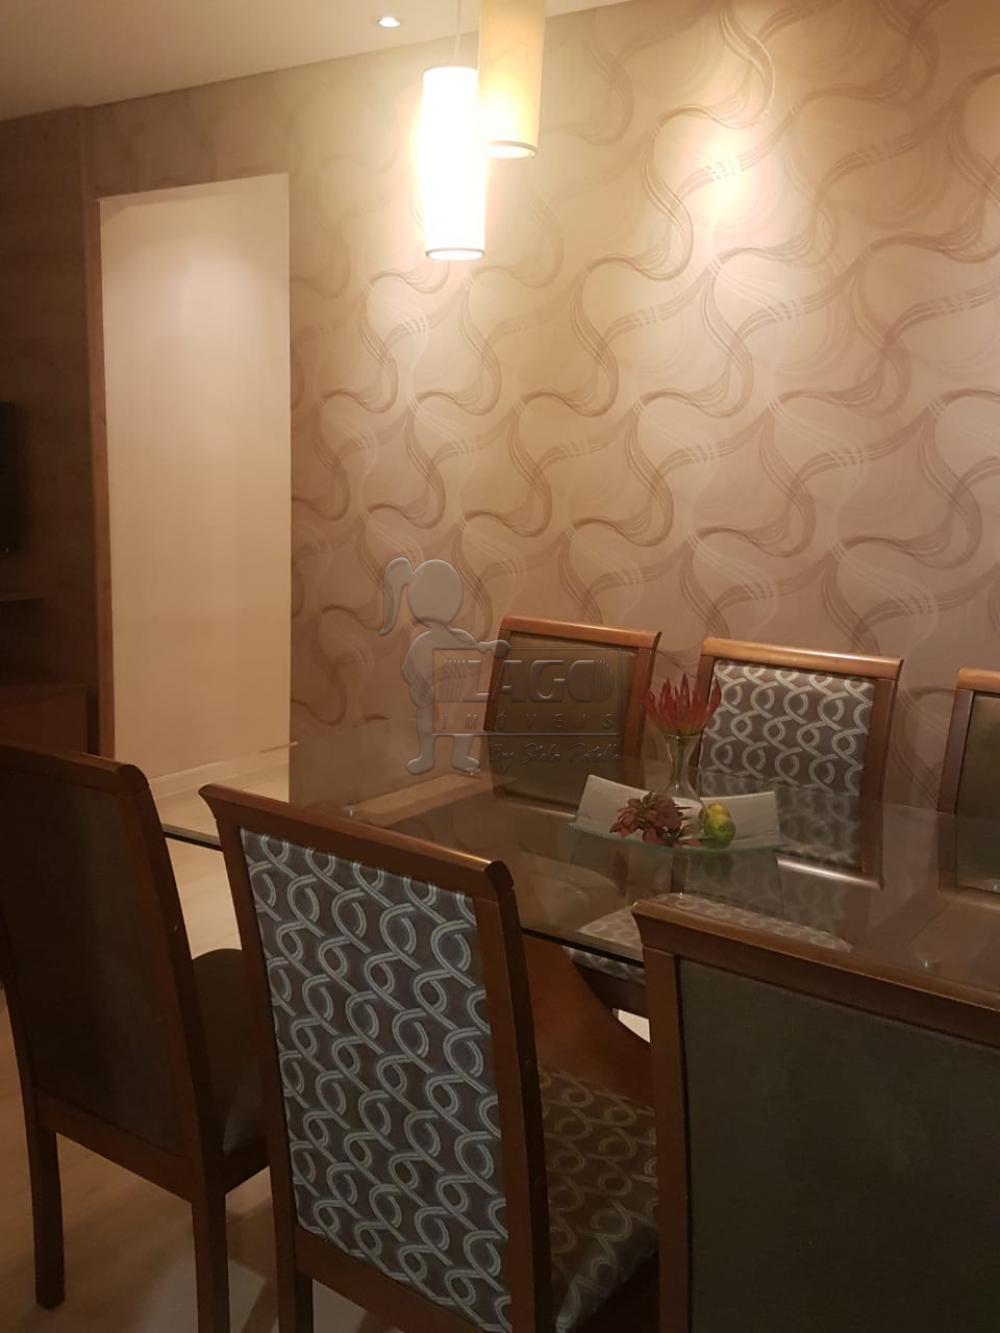 Comprar Apartamento / Padrão em Ribeirão Preto apenas R$ 260.000,00 - Foto 20